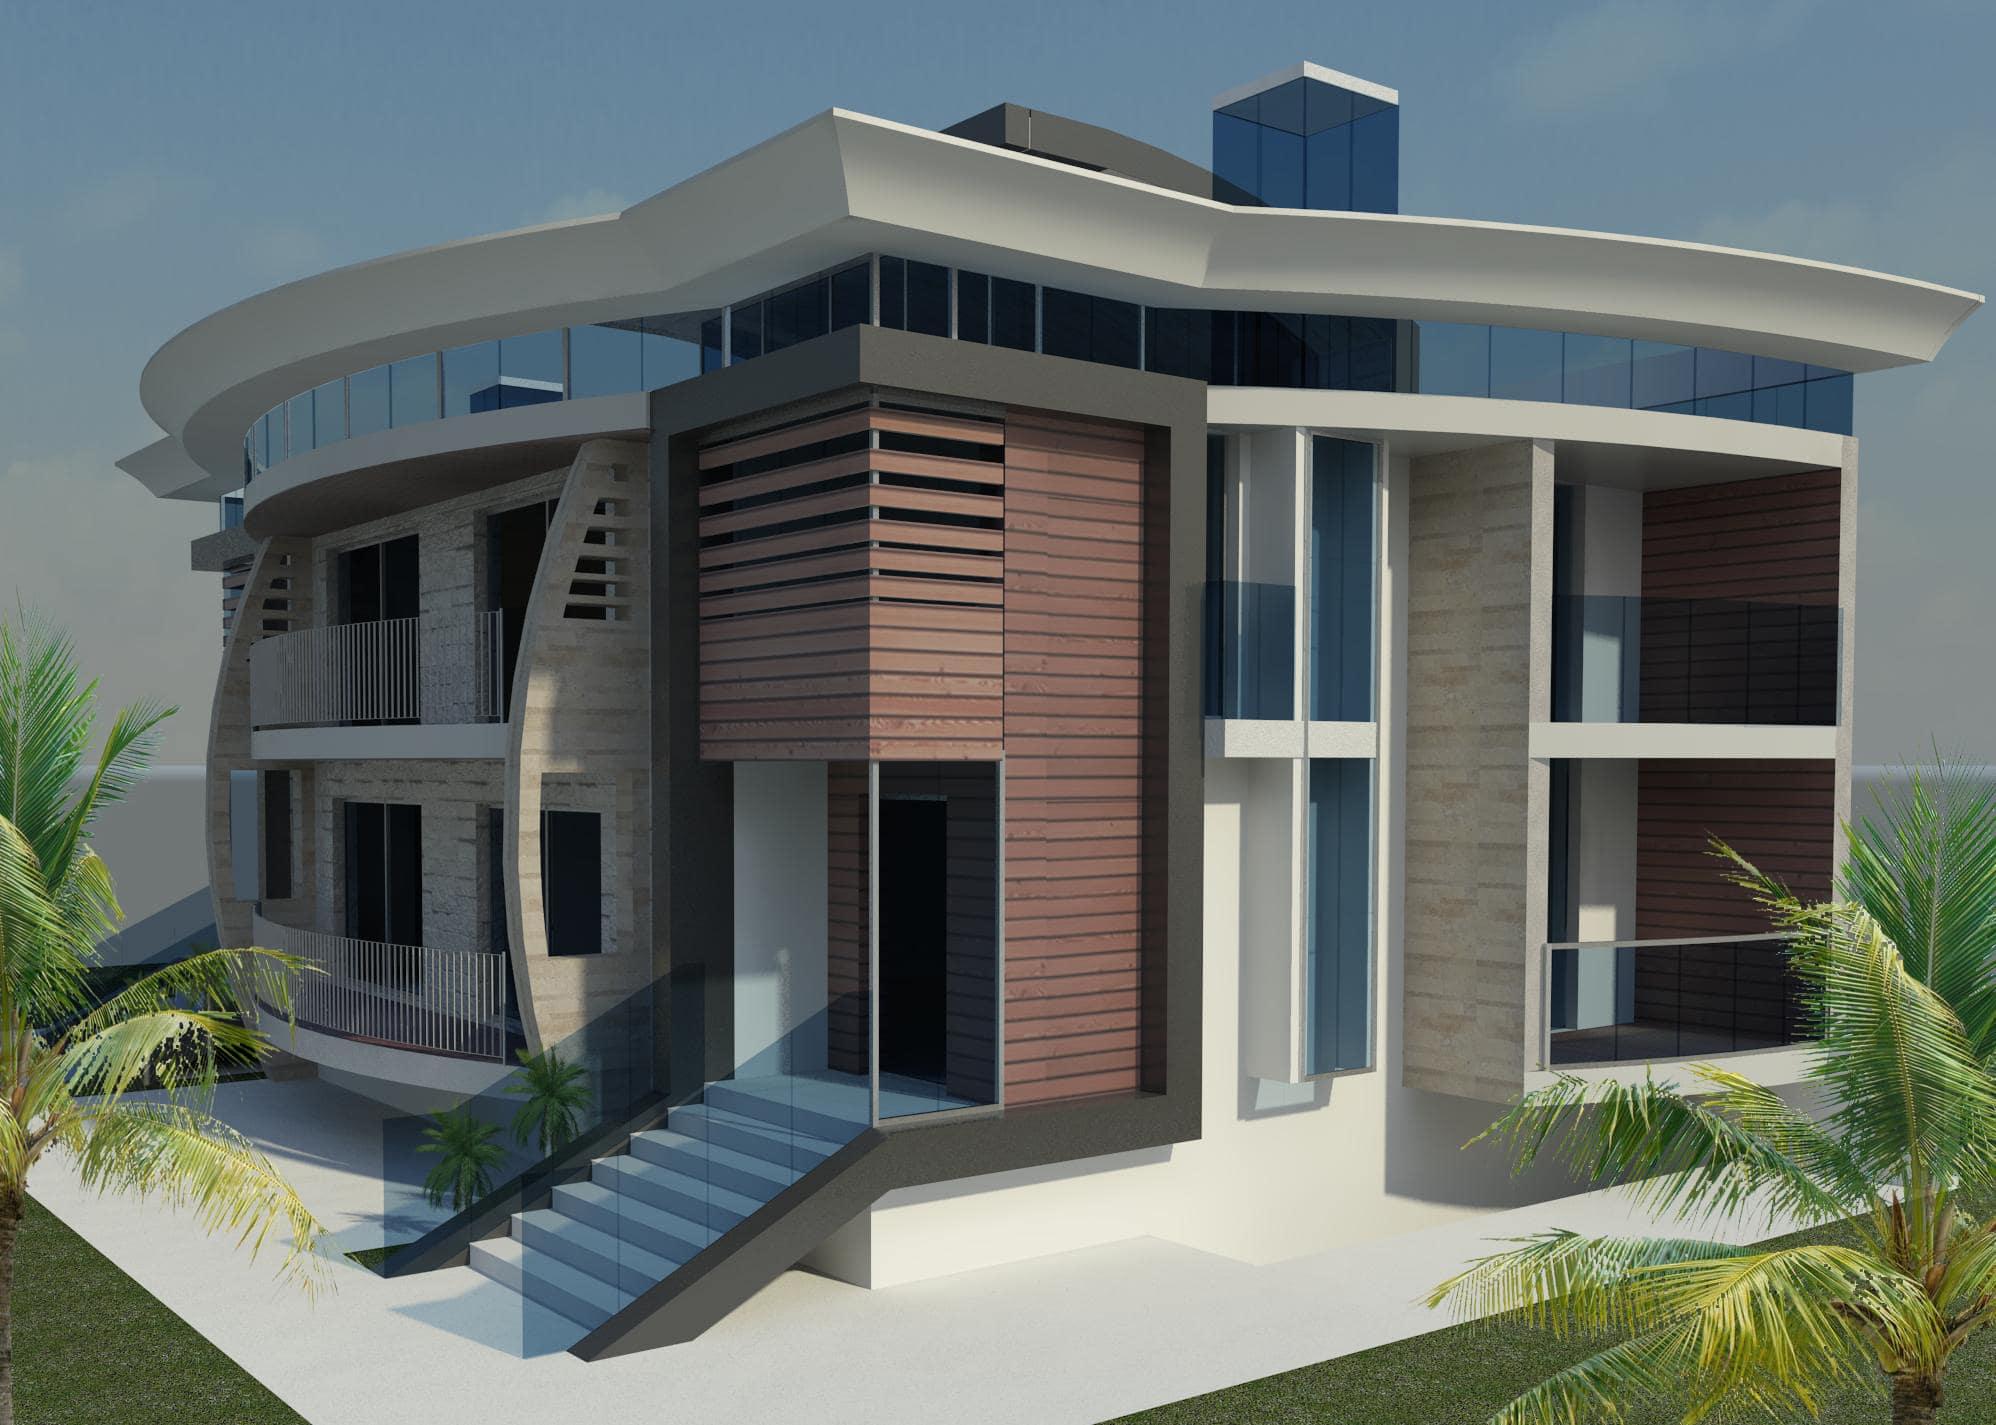 Villa Unifamiliare tre piani 1